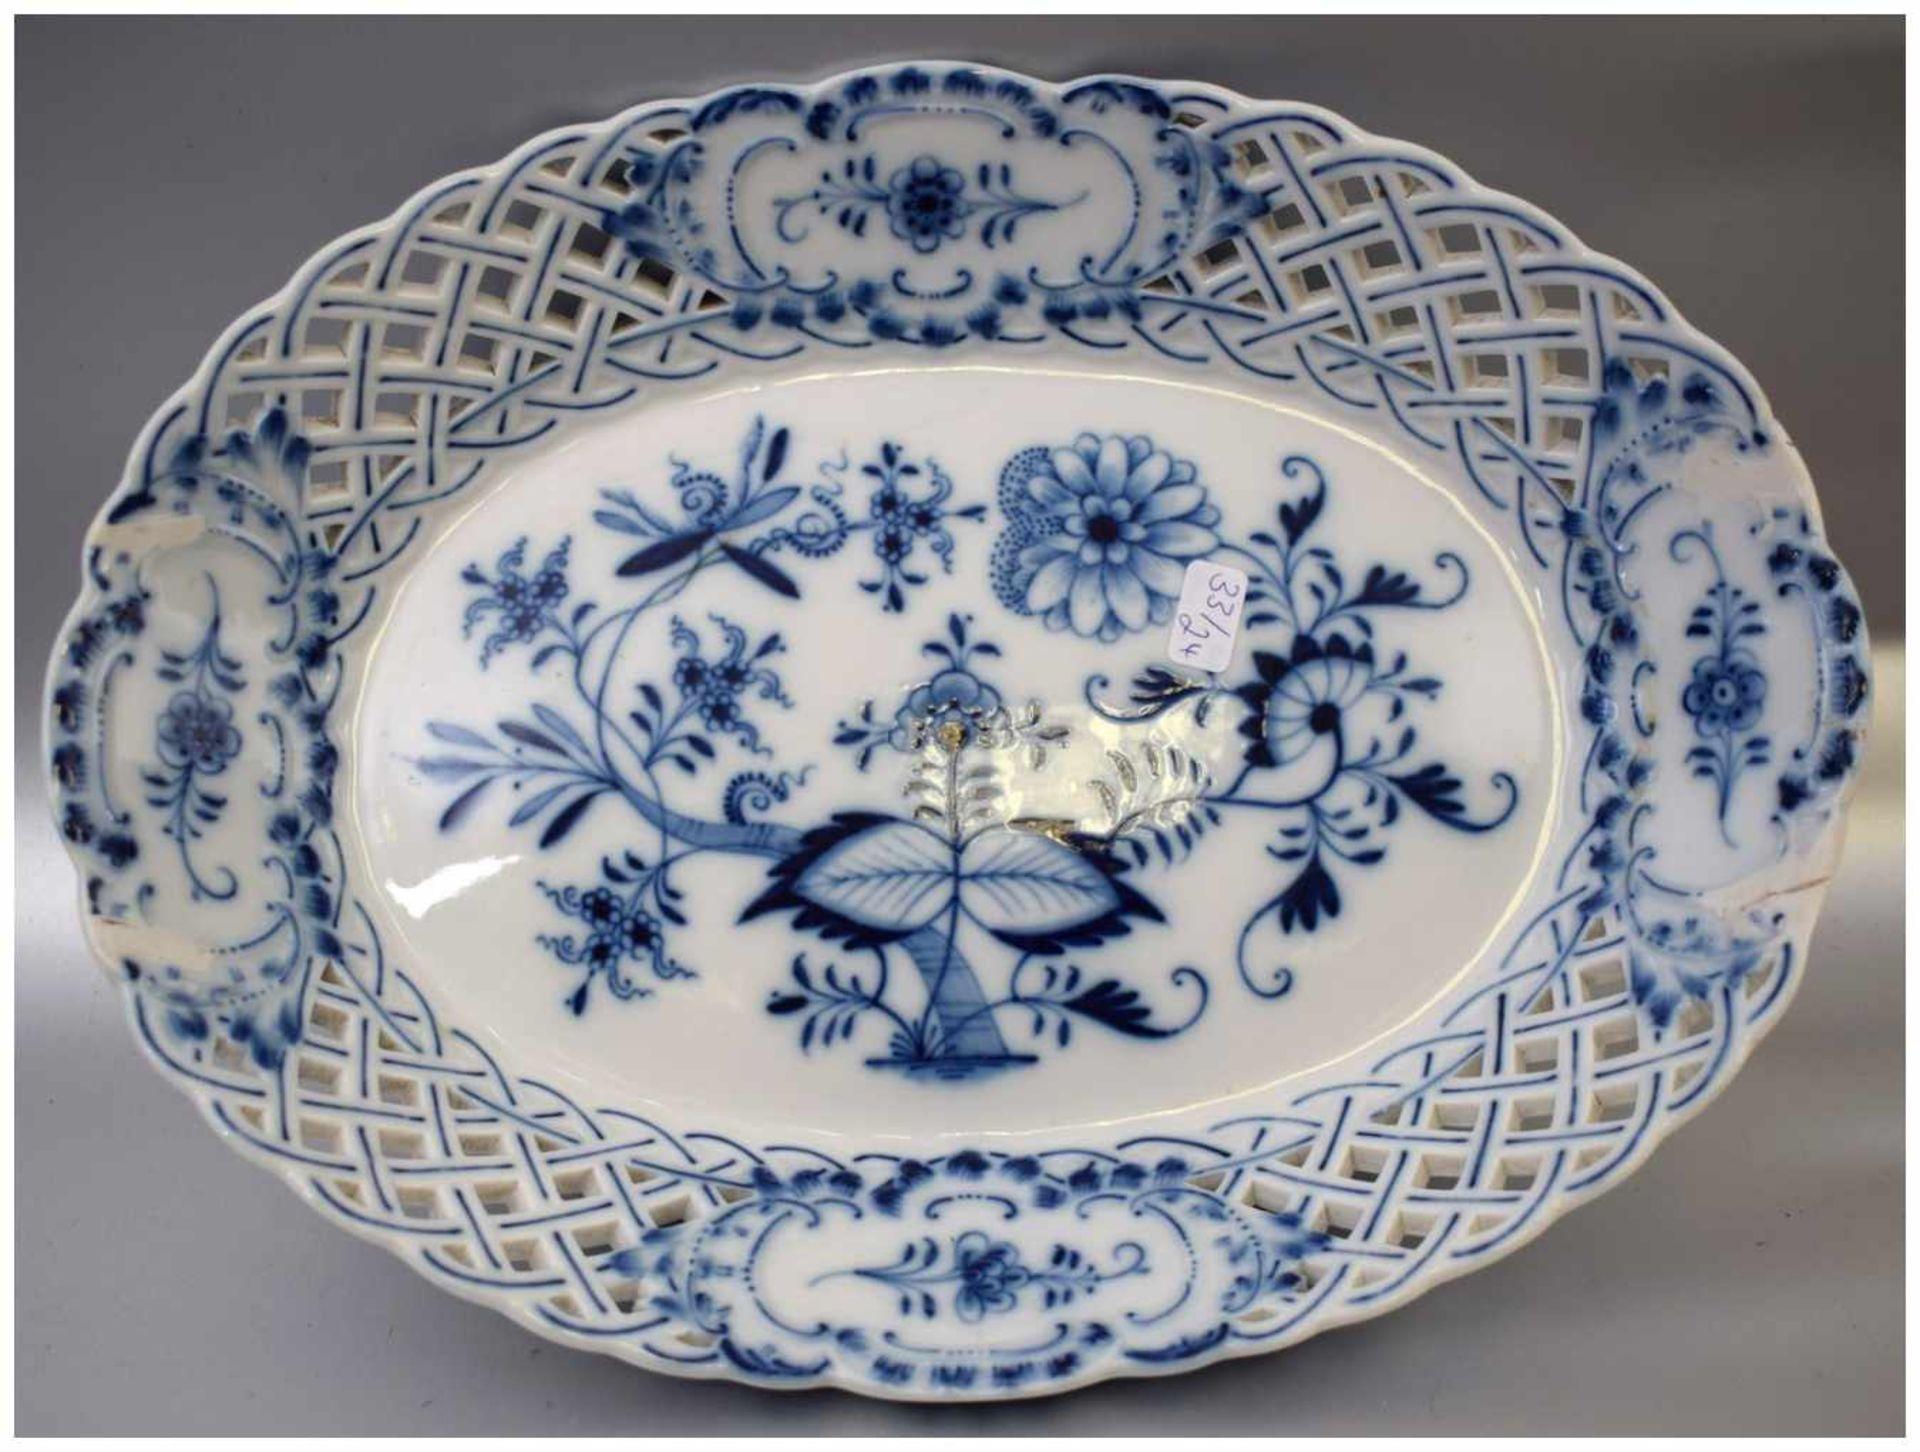 Los 8 - Gebäckschale oval, durchbrochener Rand mit Medaillons, Dekor blaues Zwiebelmuster, Griffe fehlen, 20